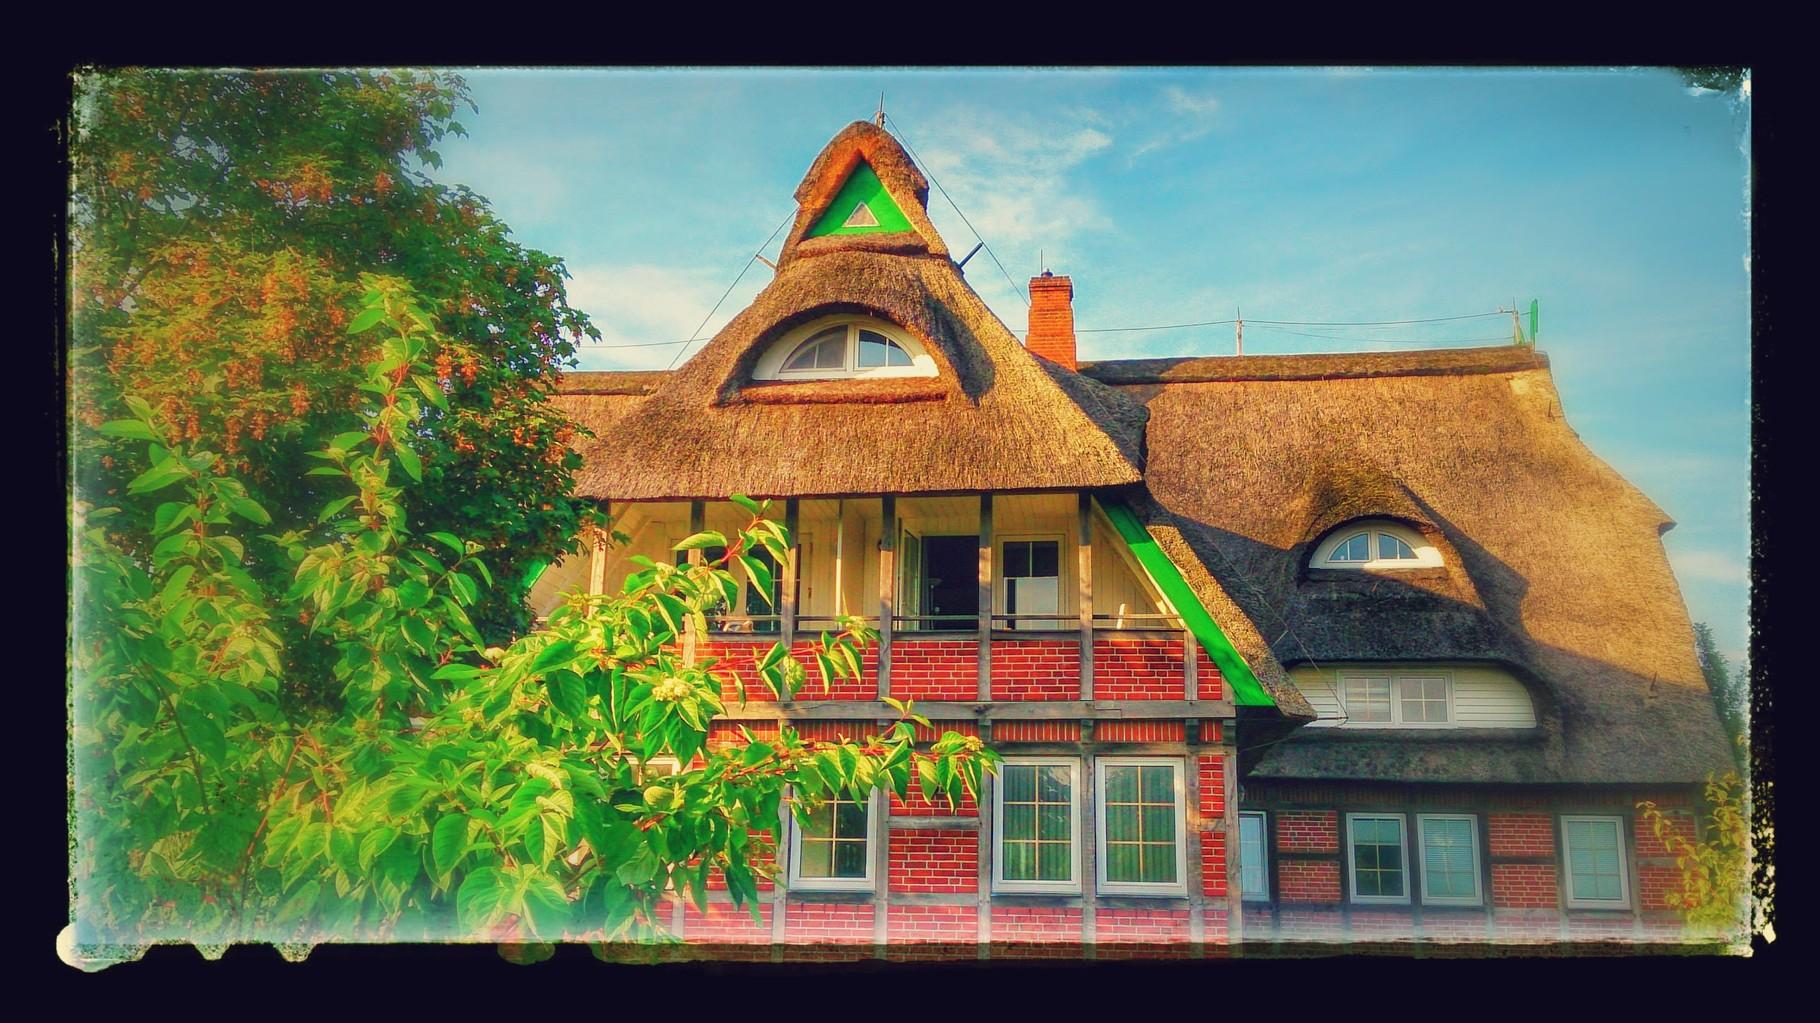 ~ Bild: Special Effects - 'Deichschlösschen@Dorum, Wurster Land' ~